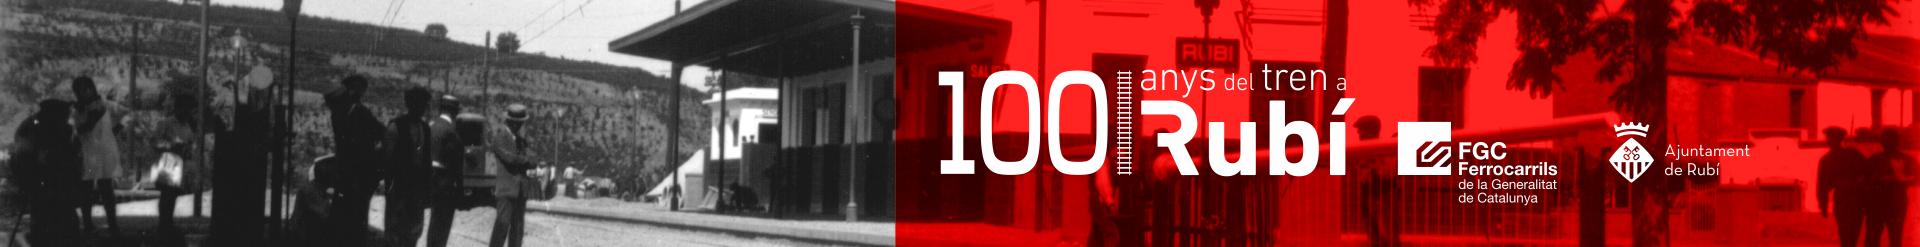 1a-Capçalera de l'Ajuntament - 100 anys del tren a Rubí.png